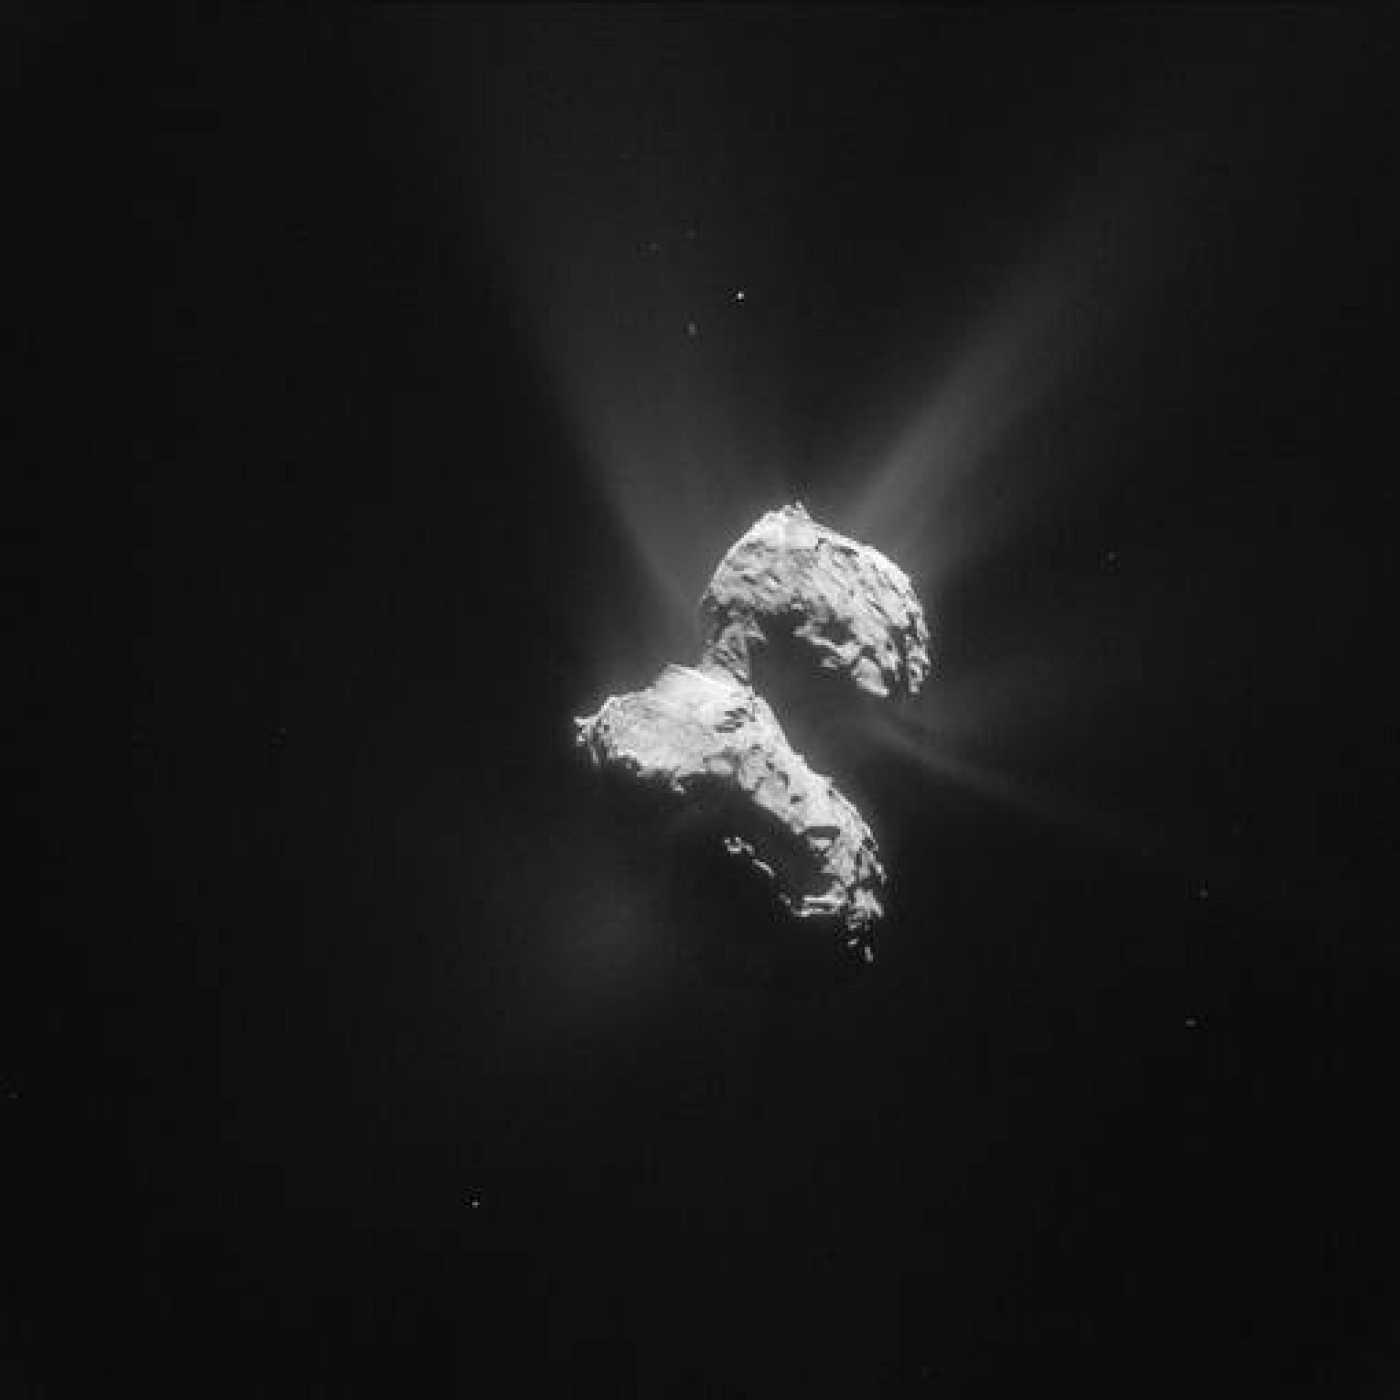 El cometa captado por Rosetta el pasado 21 de mayo de 2015.